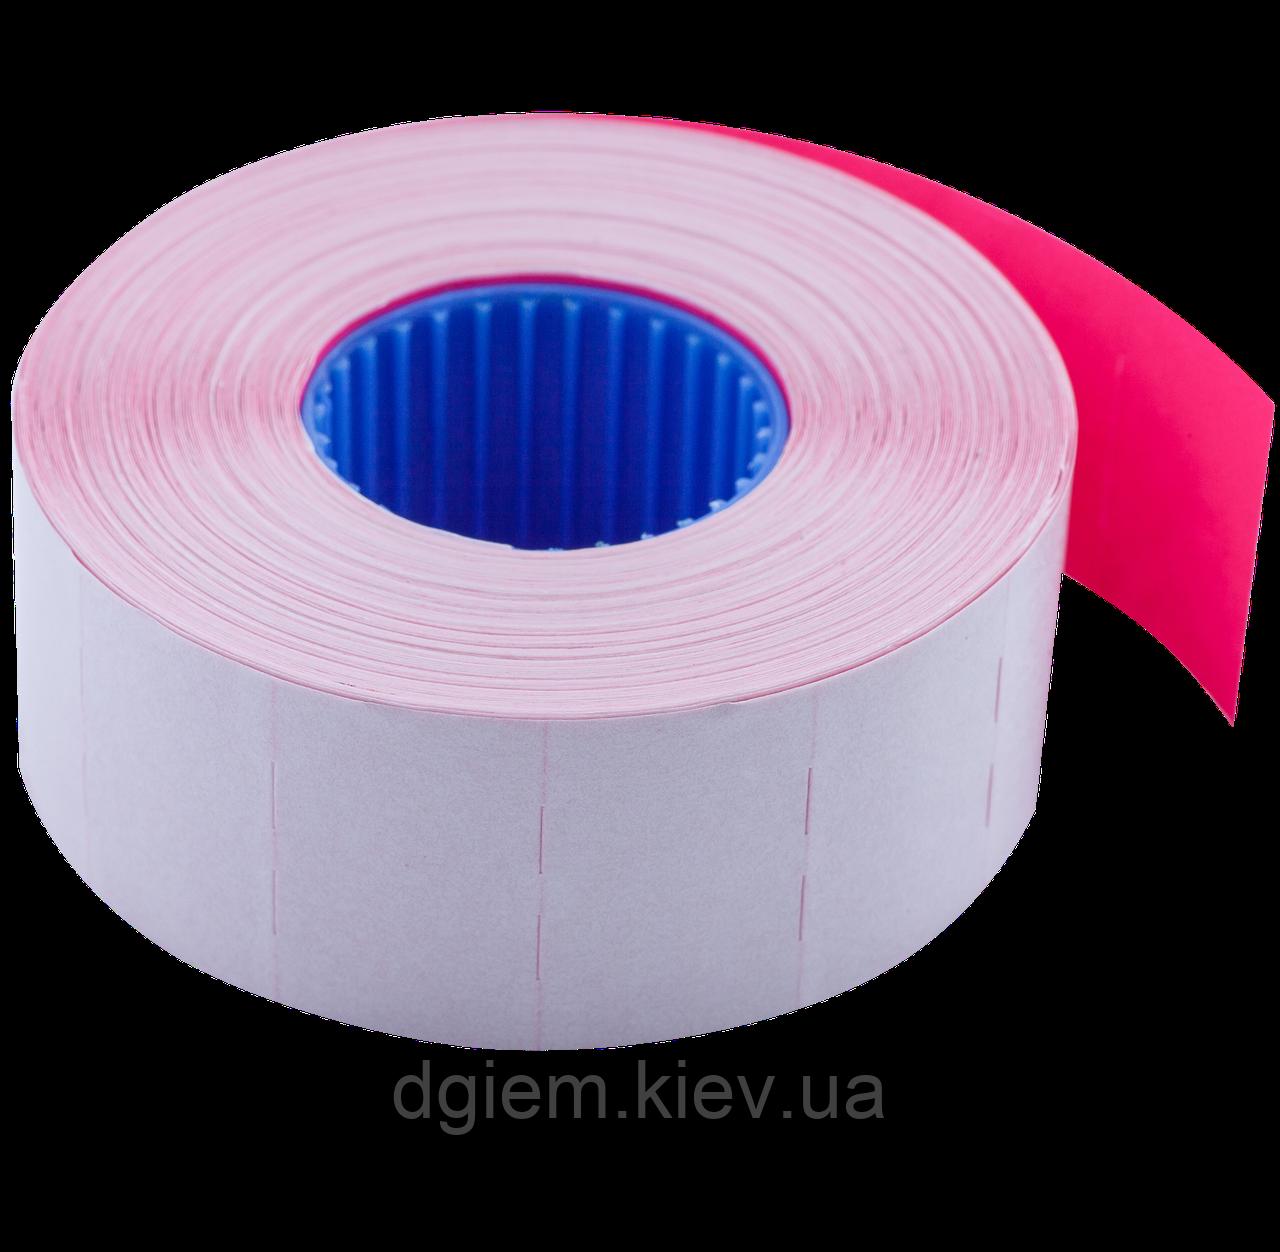 Цінник 26*16мм (1000шт, 16м) прямокутний, внутрішня намотування асорті